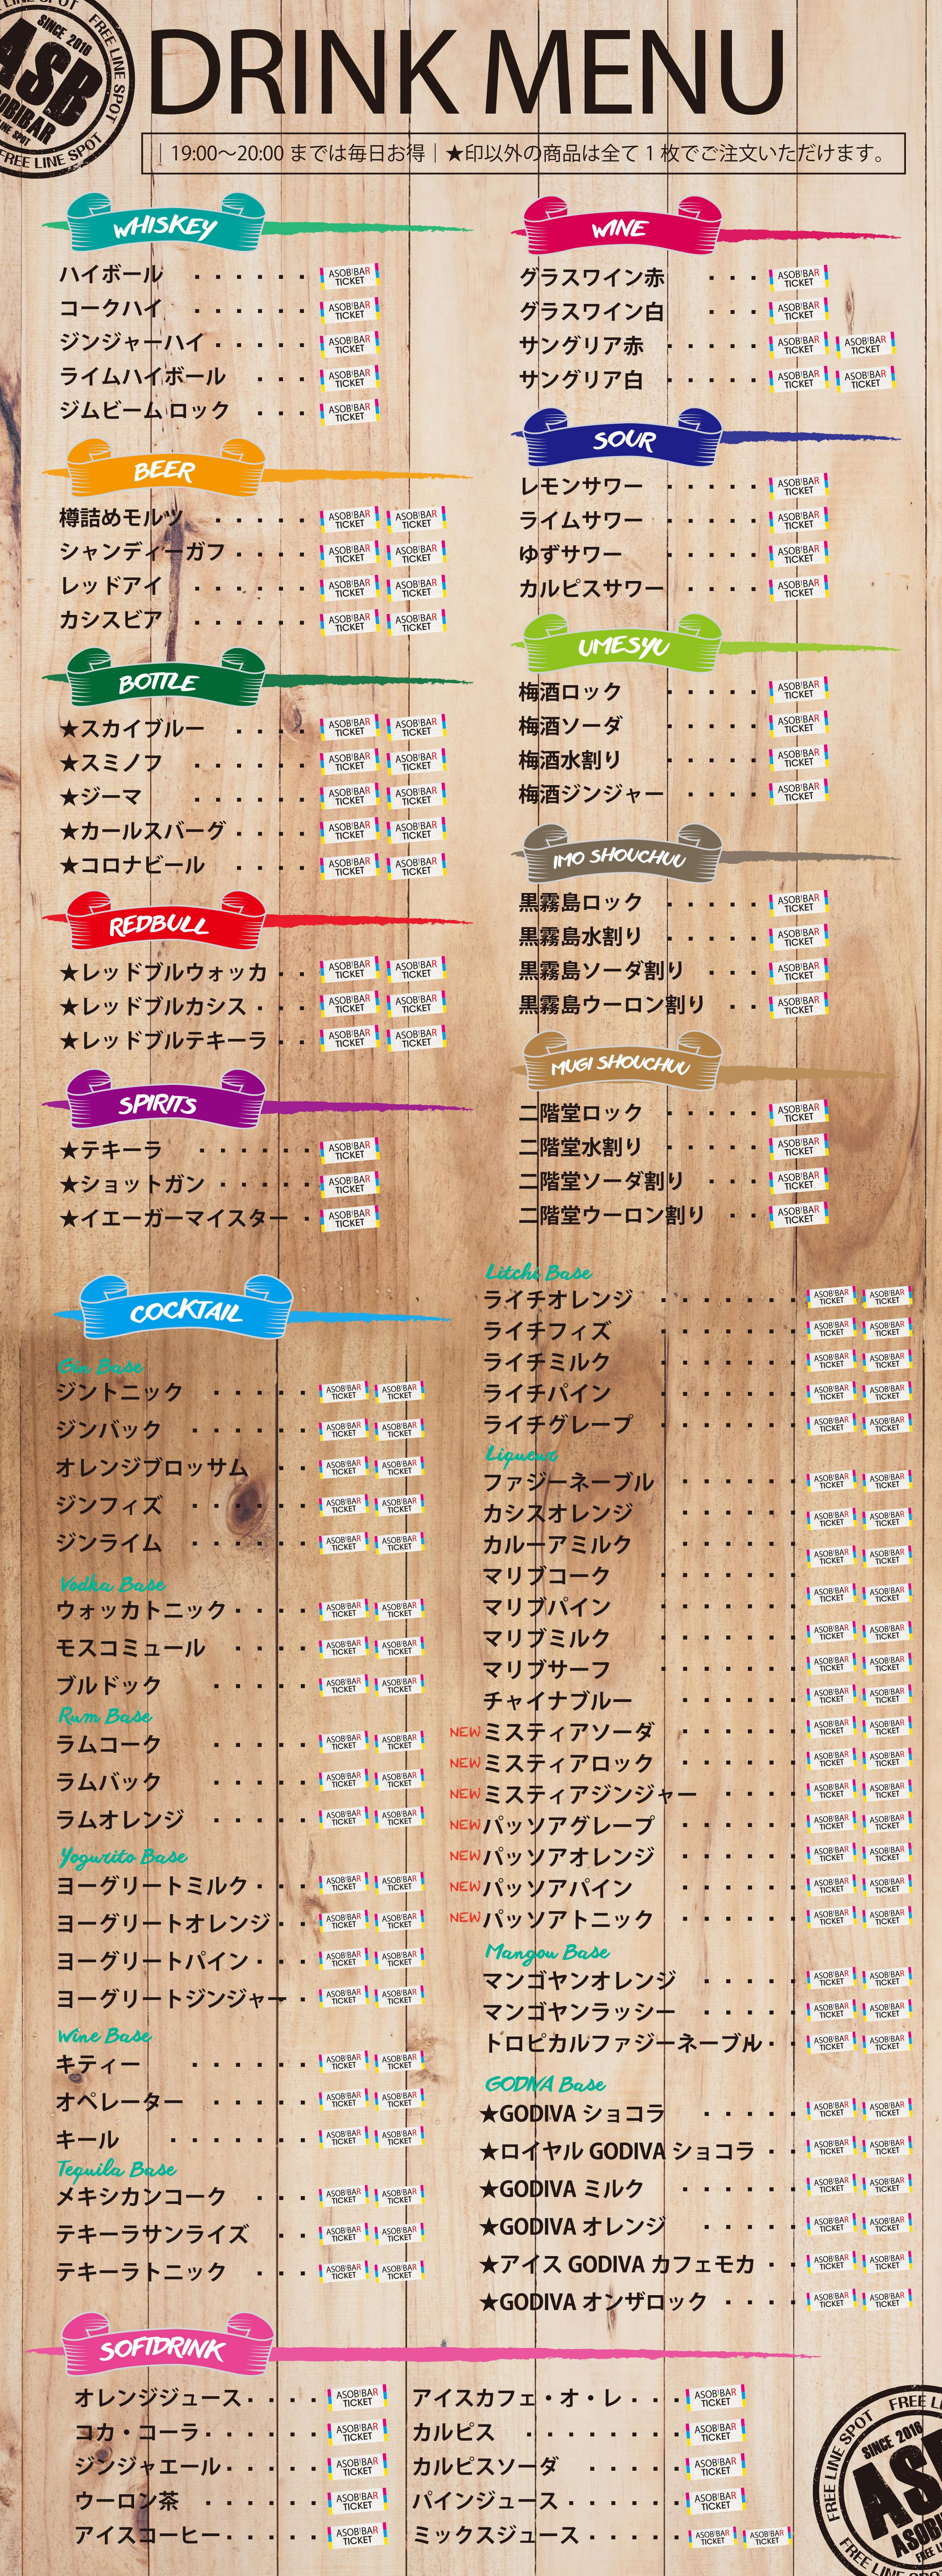 drink-menu-2